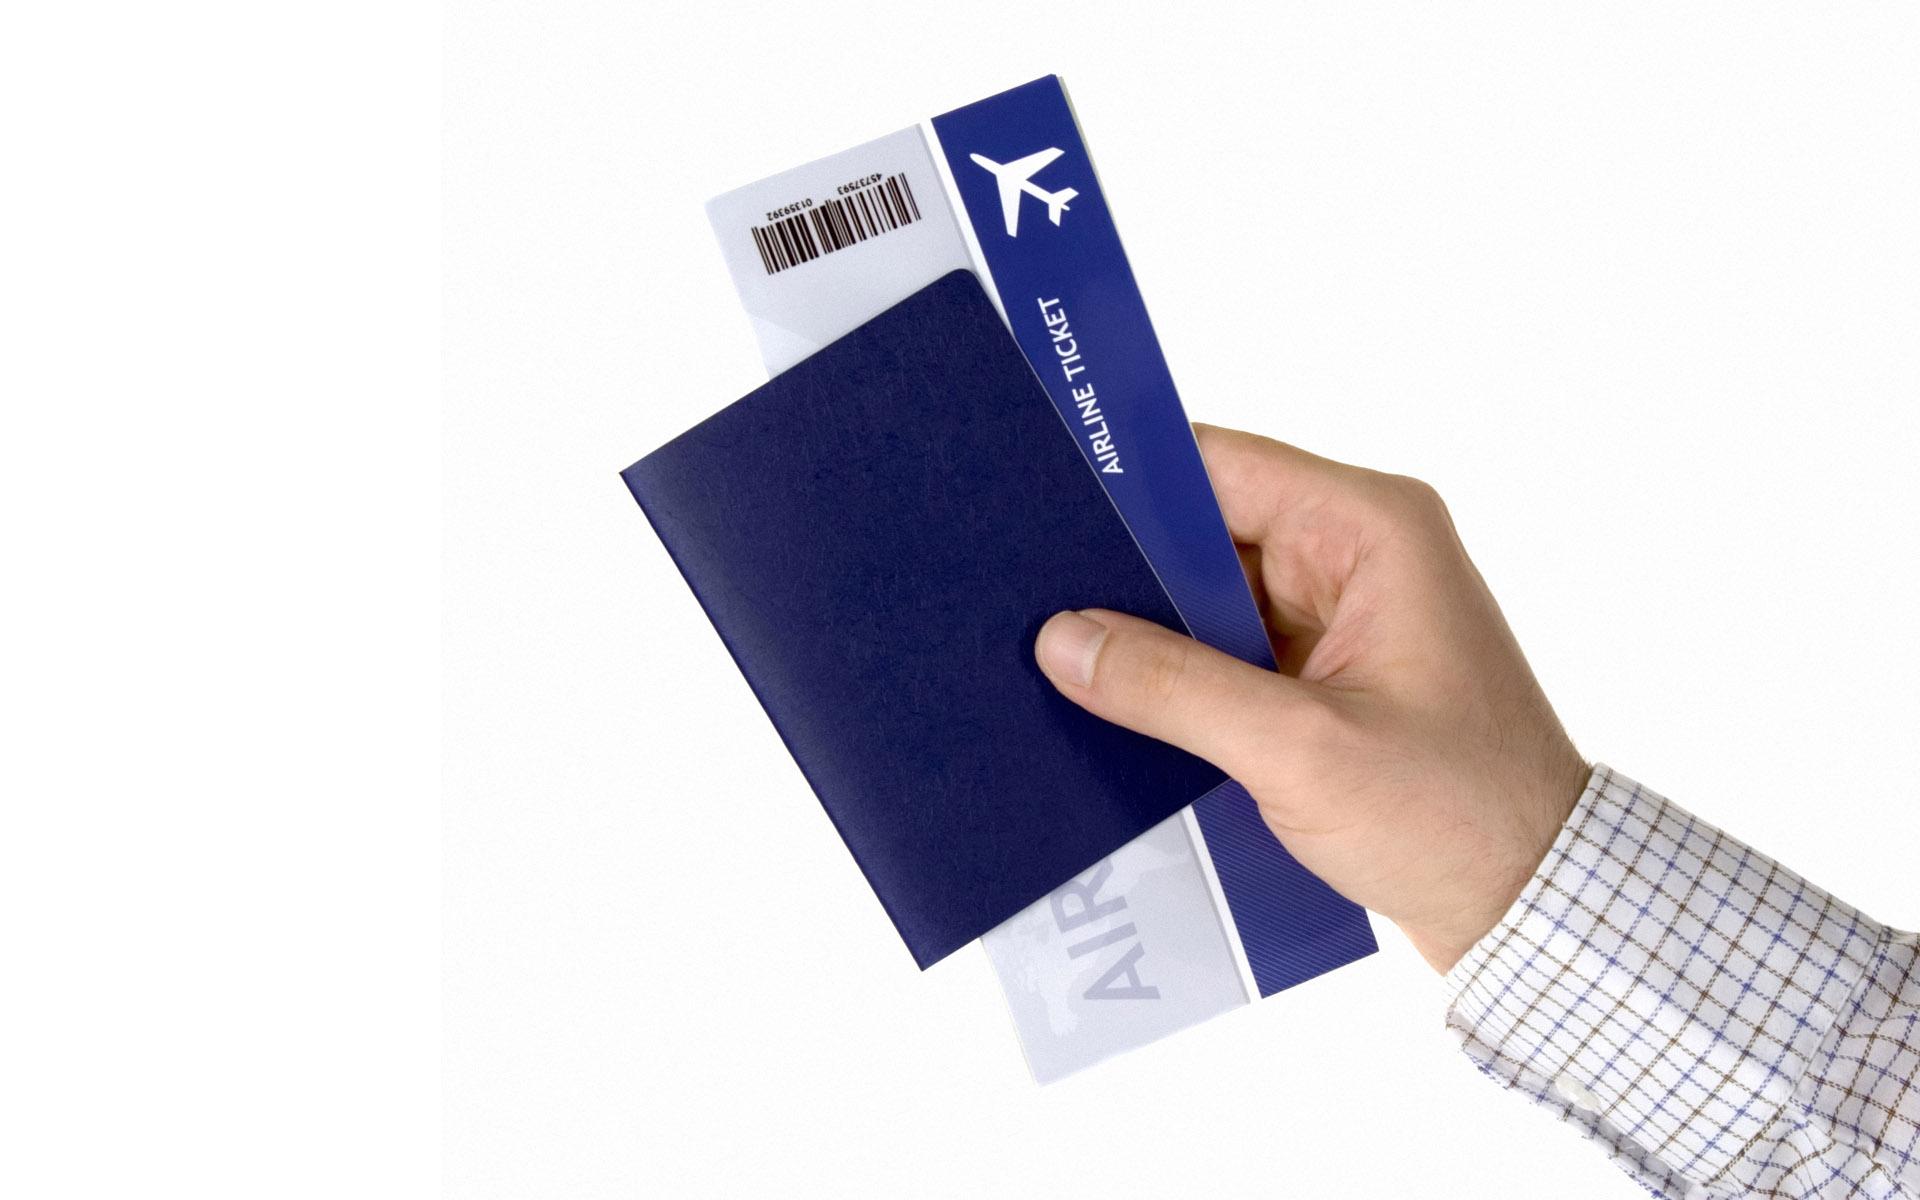 Лоукост билеты на самолет: купить дешевые авиабилеты